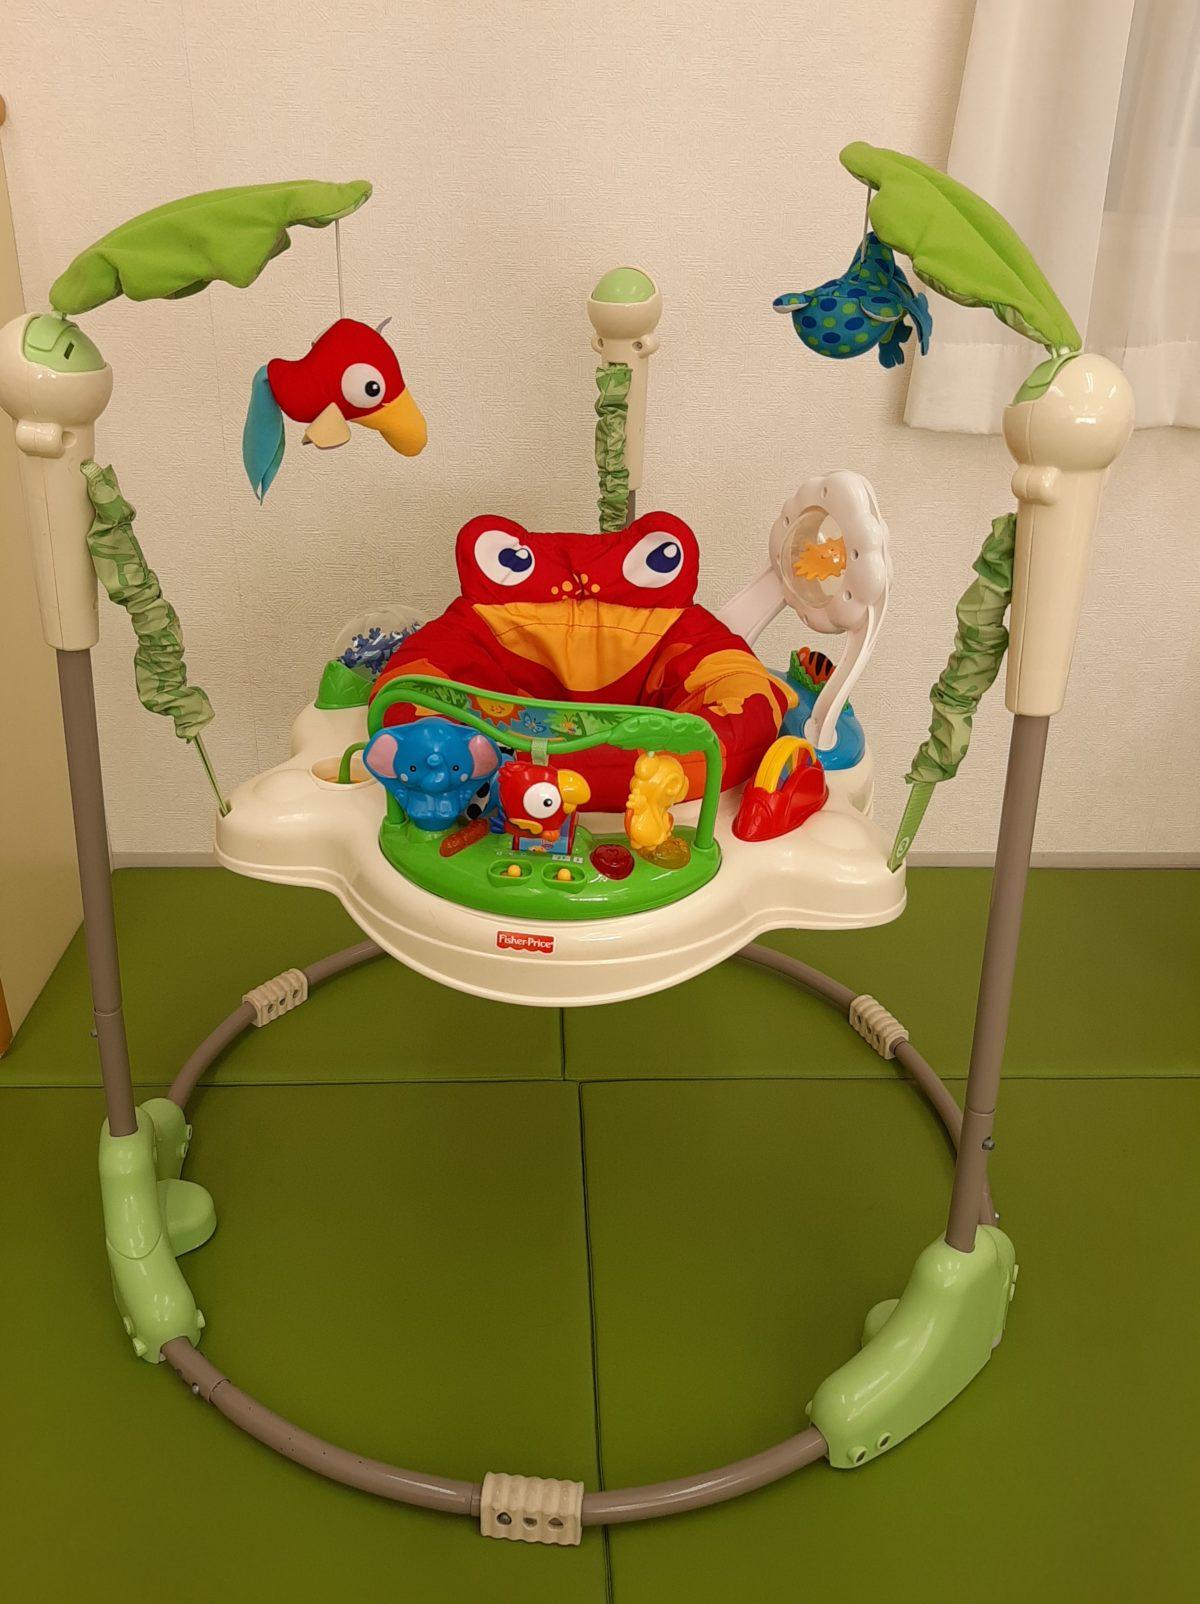 赤ちゃん向けの玩具